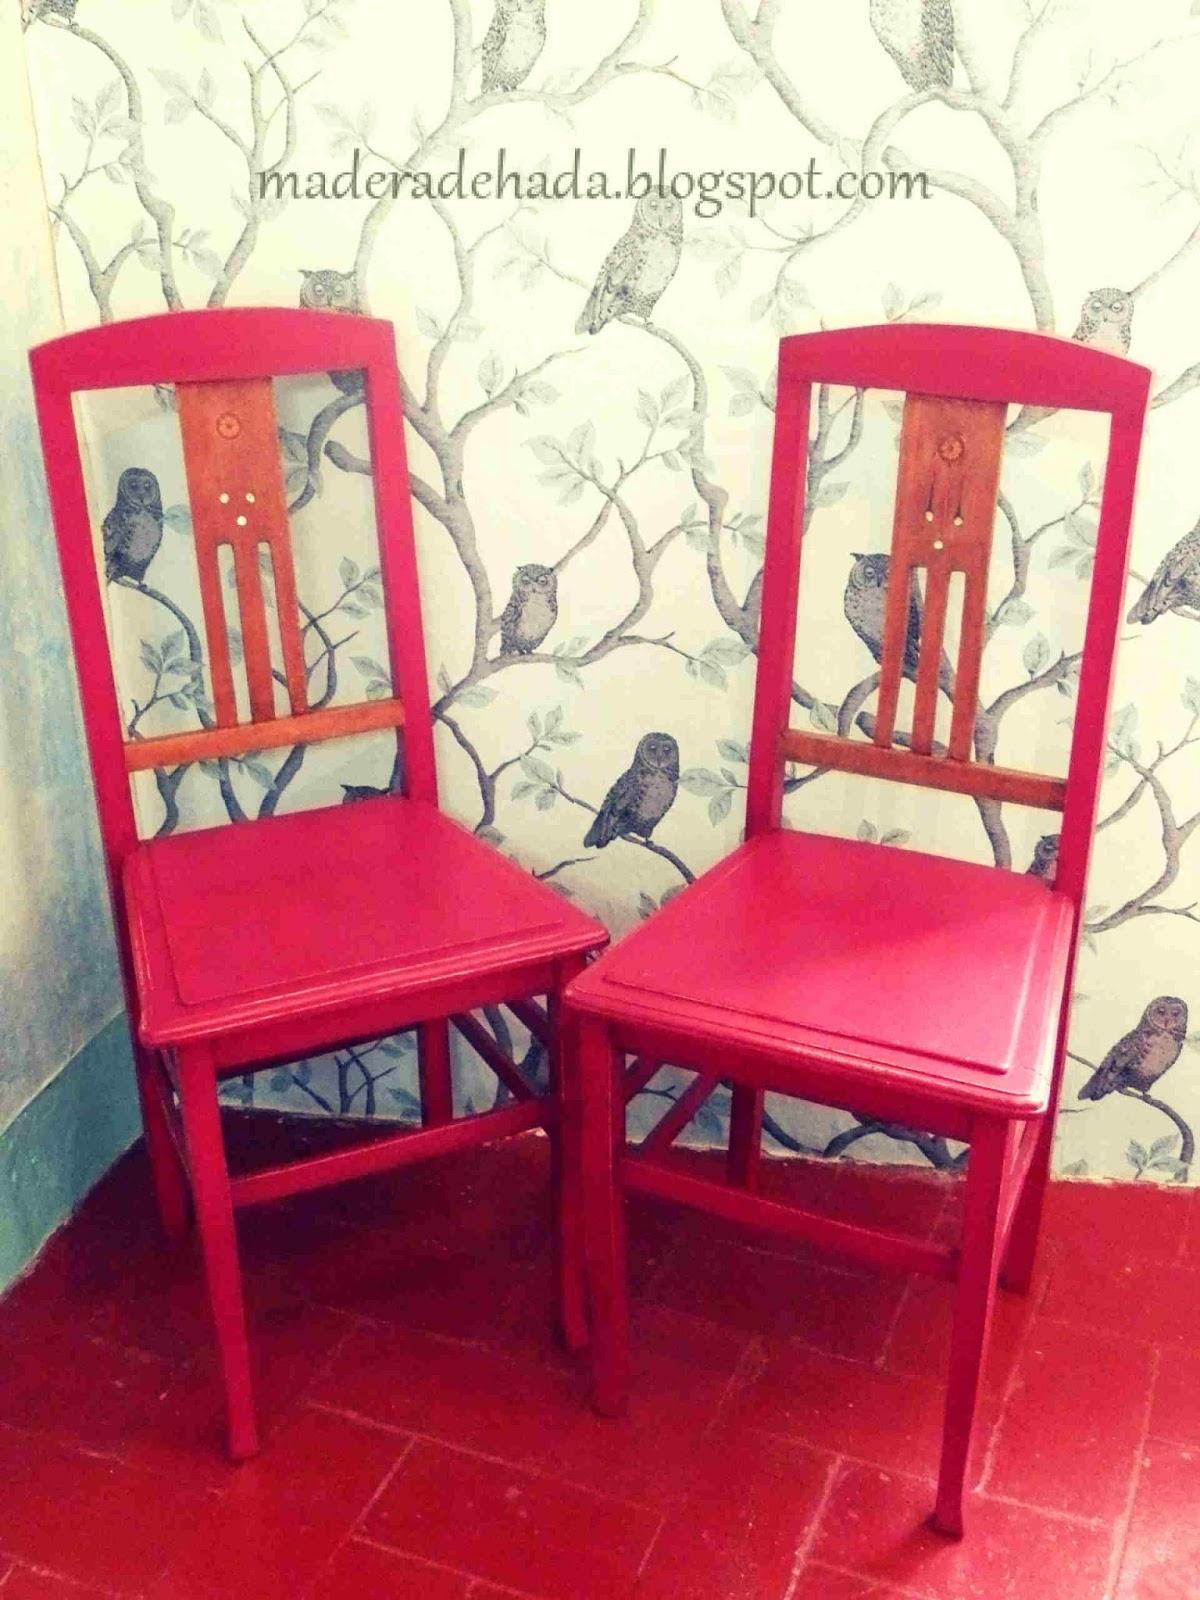 Sillas vintage pintadas de color oto o madera de hada - Sillas vintage madera ...